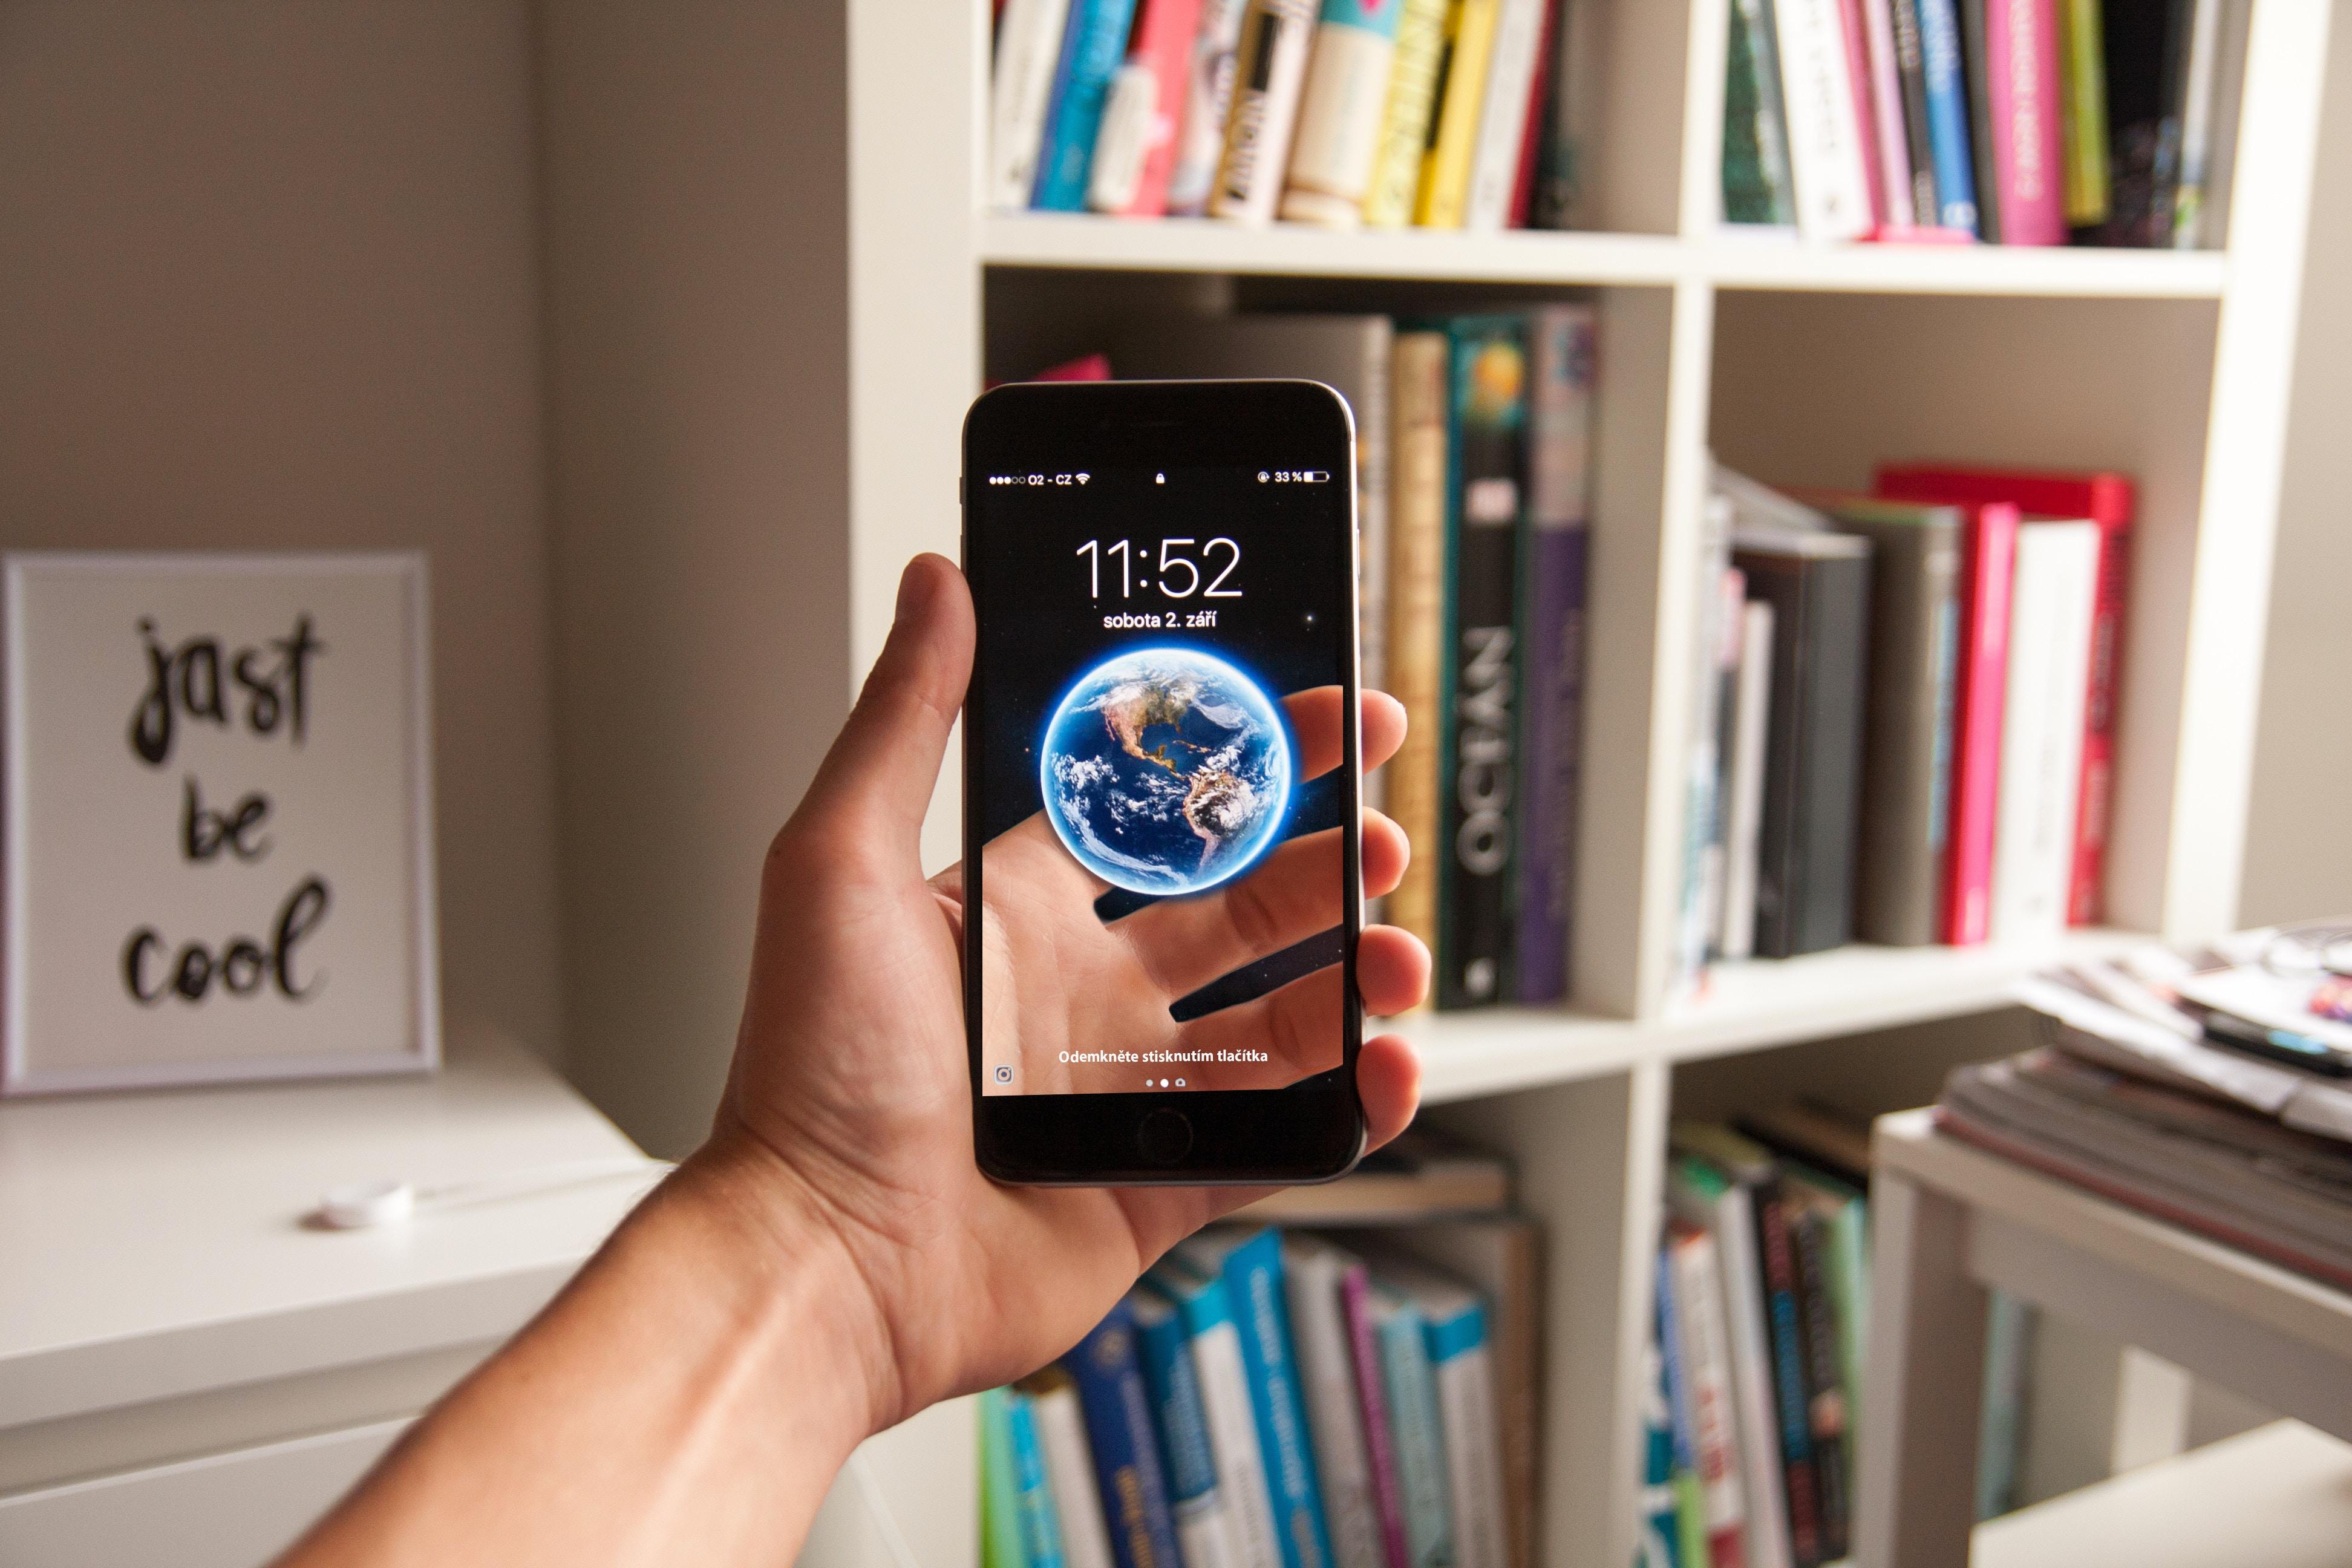 МГТС будет чинить смартфоны и компьютерную технику